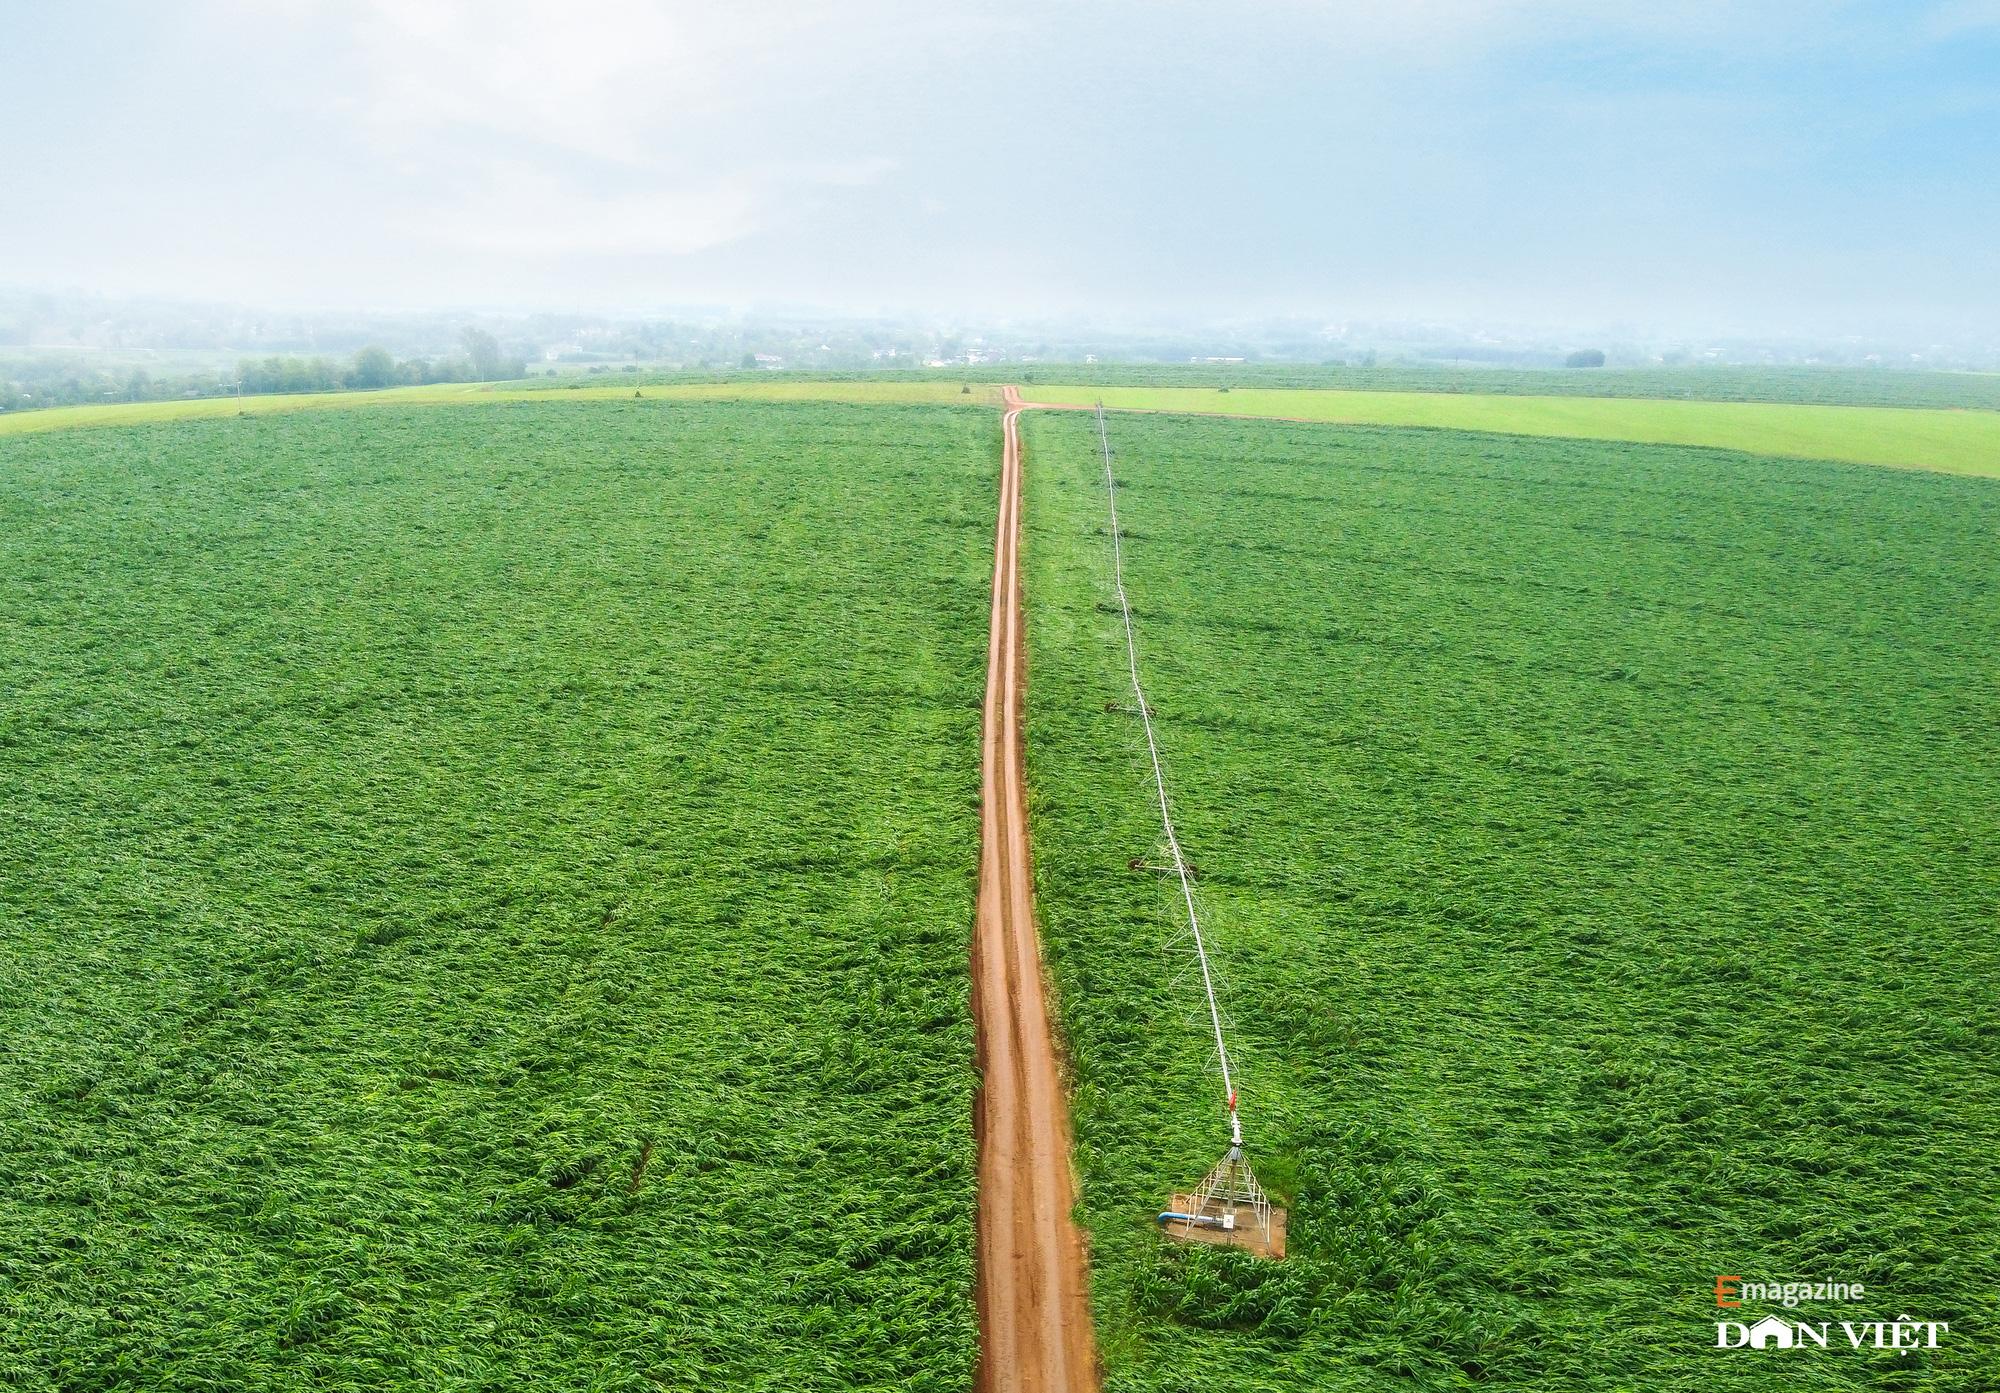 """Bò sữa ở Việt Nam: """"Hậu trường"""" quy trình chăn nuôi cầu kỳ và tỉ mỉ đáng ngạc nhiên    - Ảnh 1."""